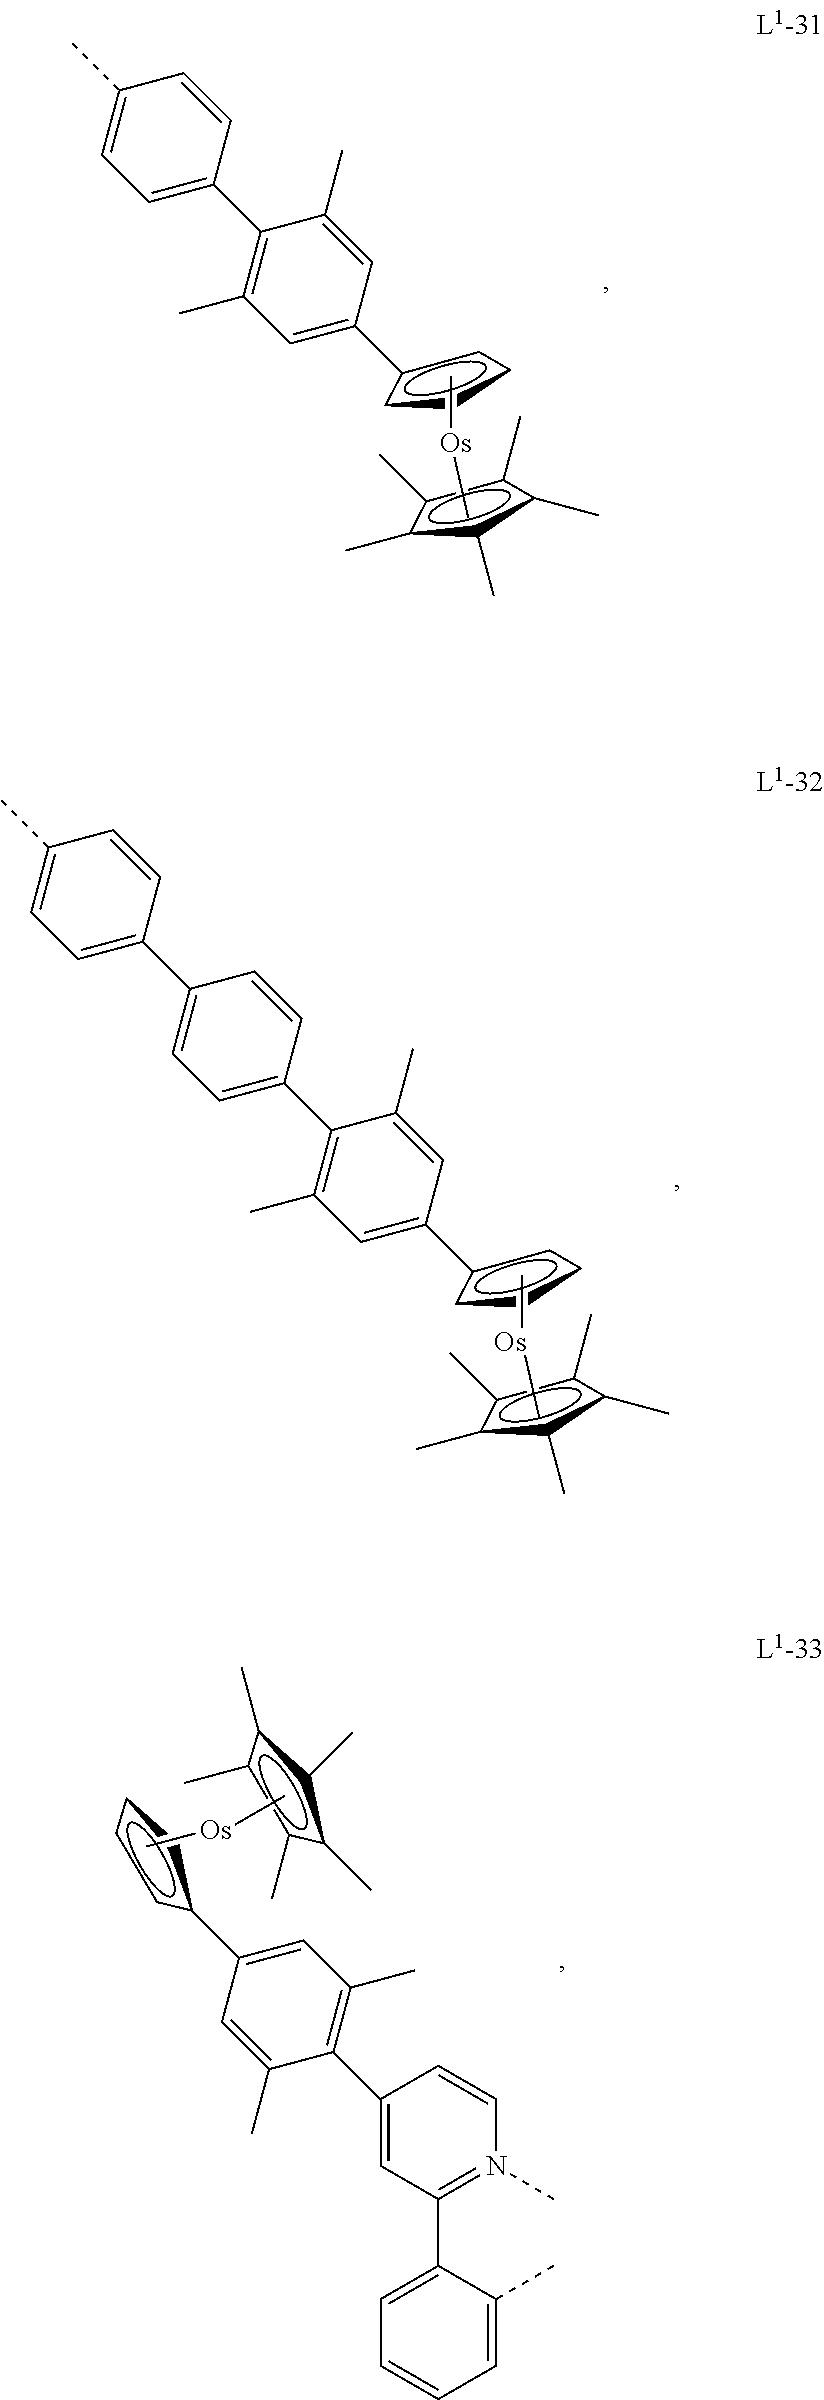 Figure US09680113-20170613-C00021